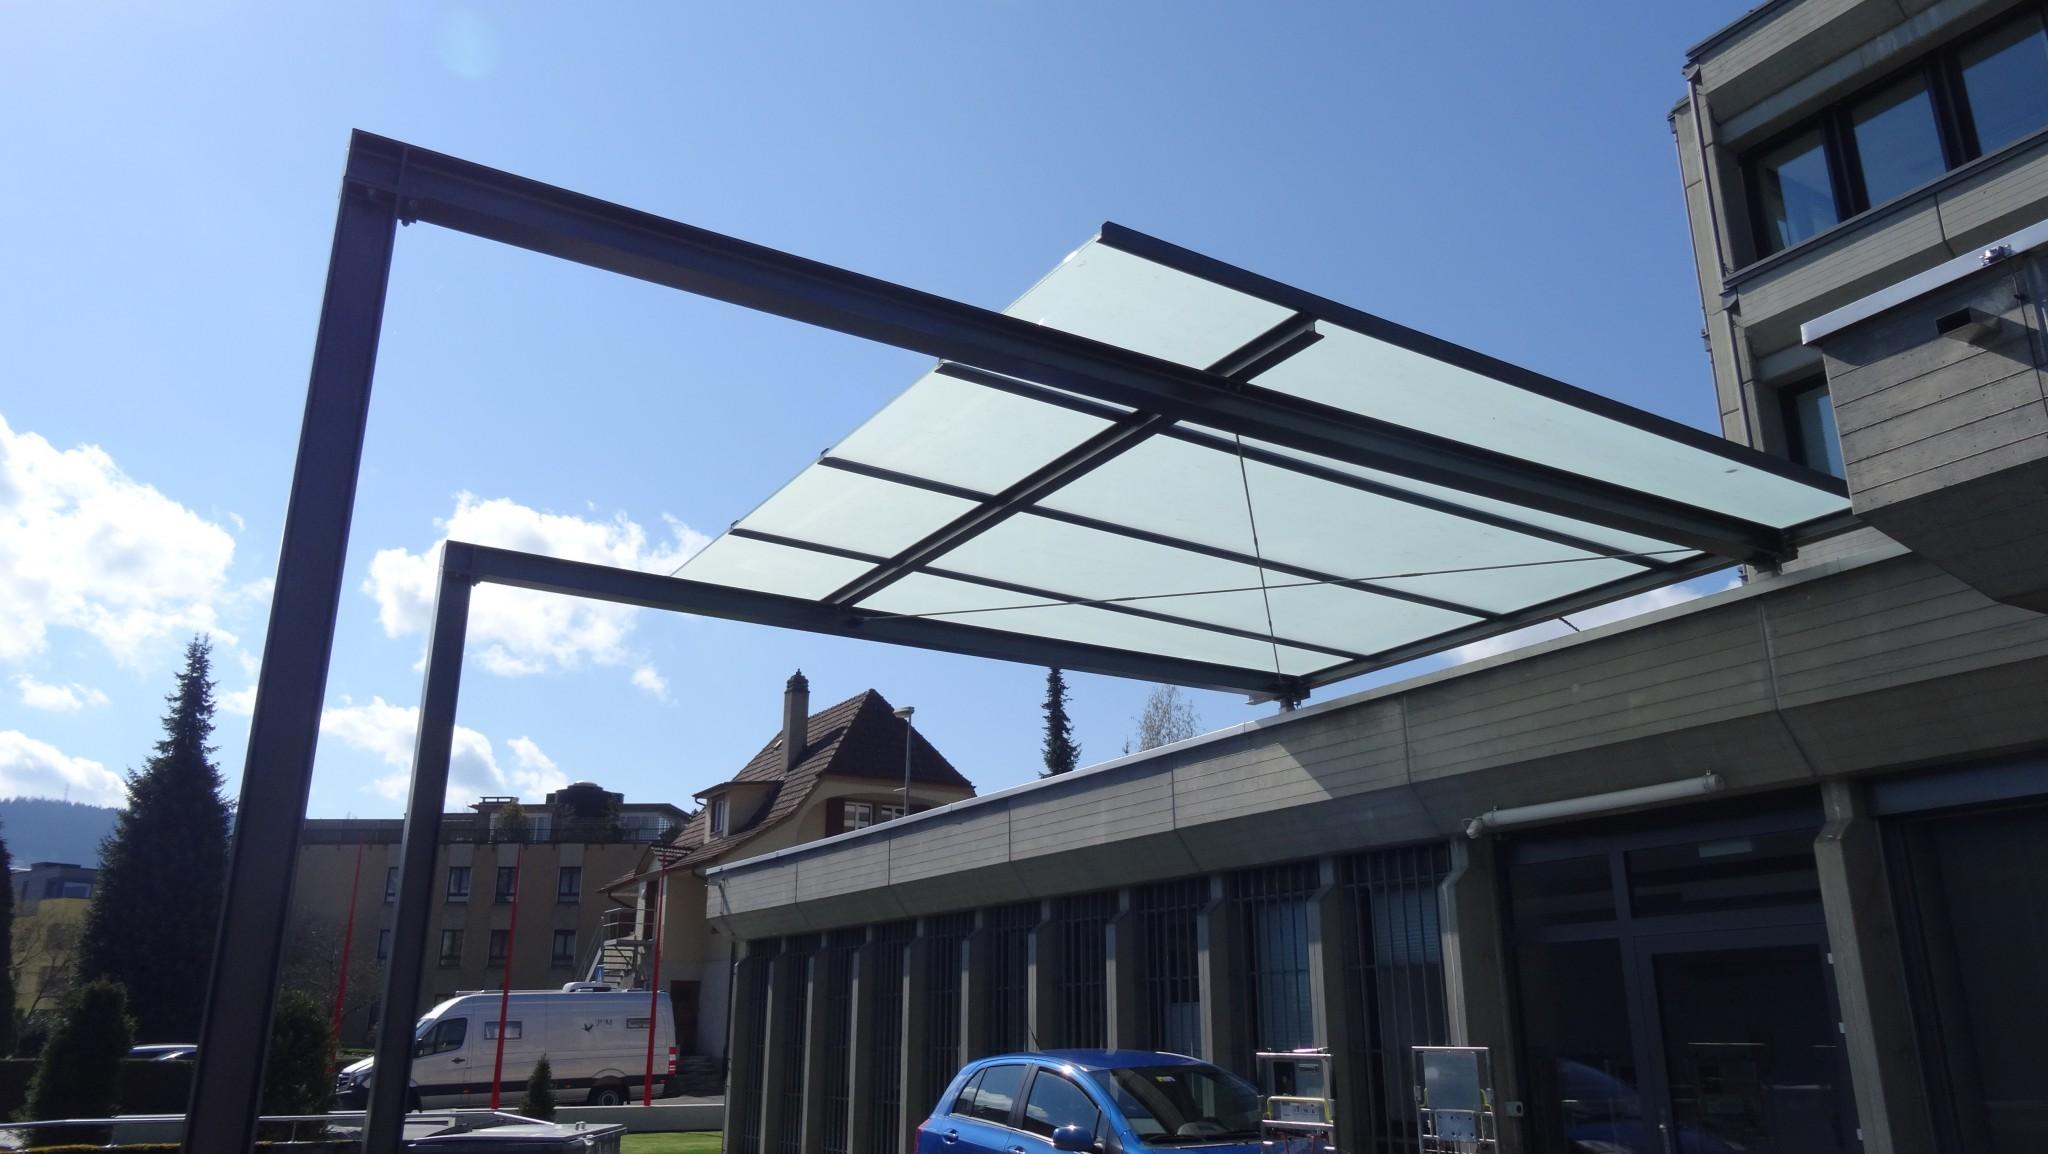 Bezaubernd Windfang Hauseingang Geschlossen Referenz Von Post, Emmentalstrasse, Konolfingen